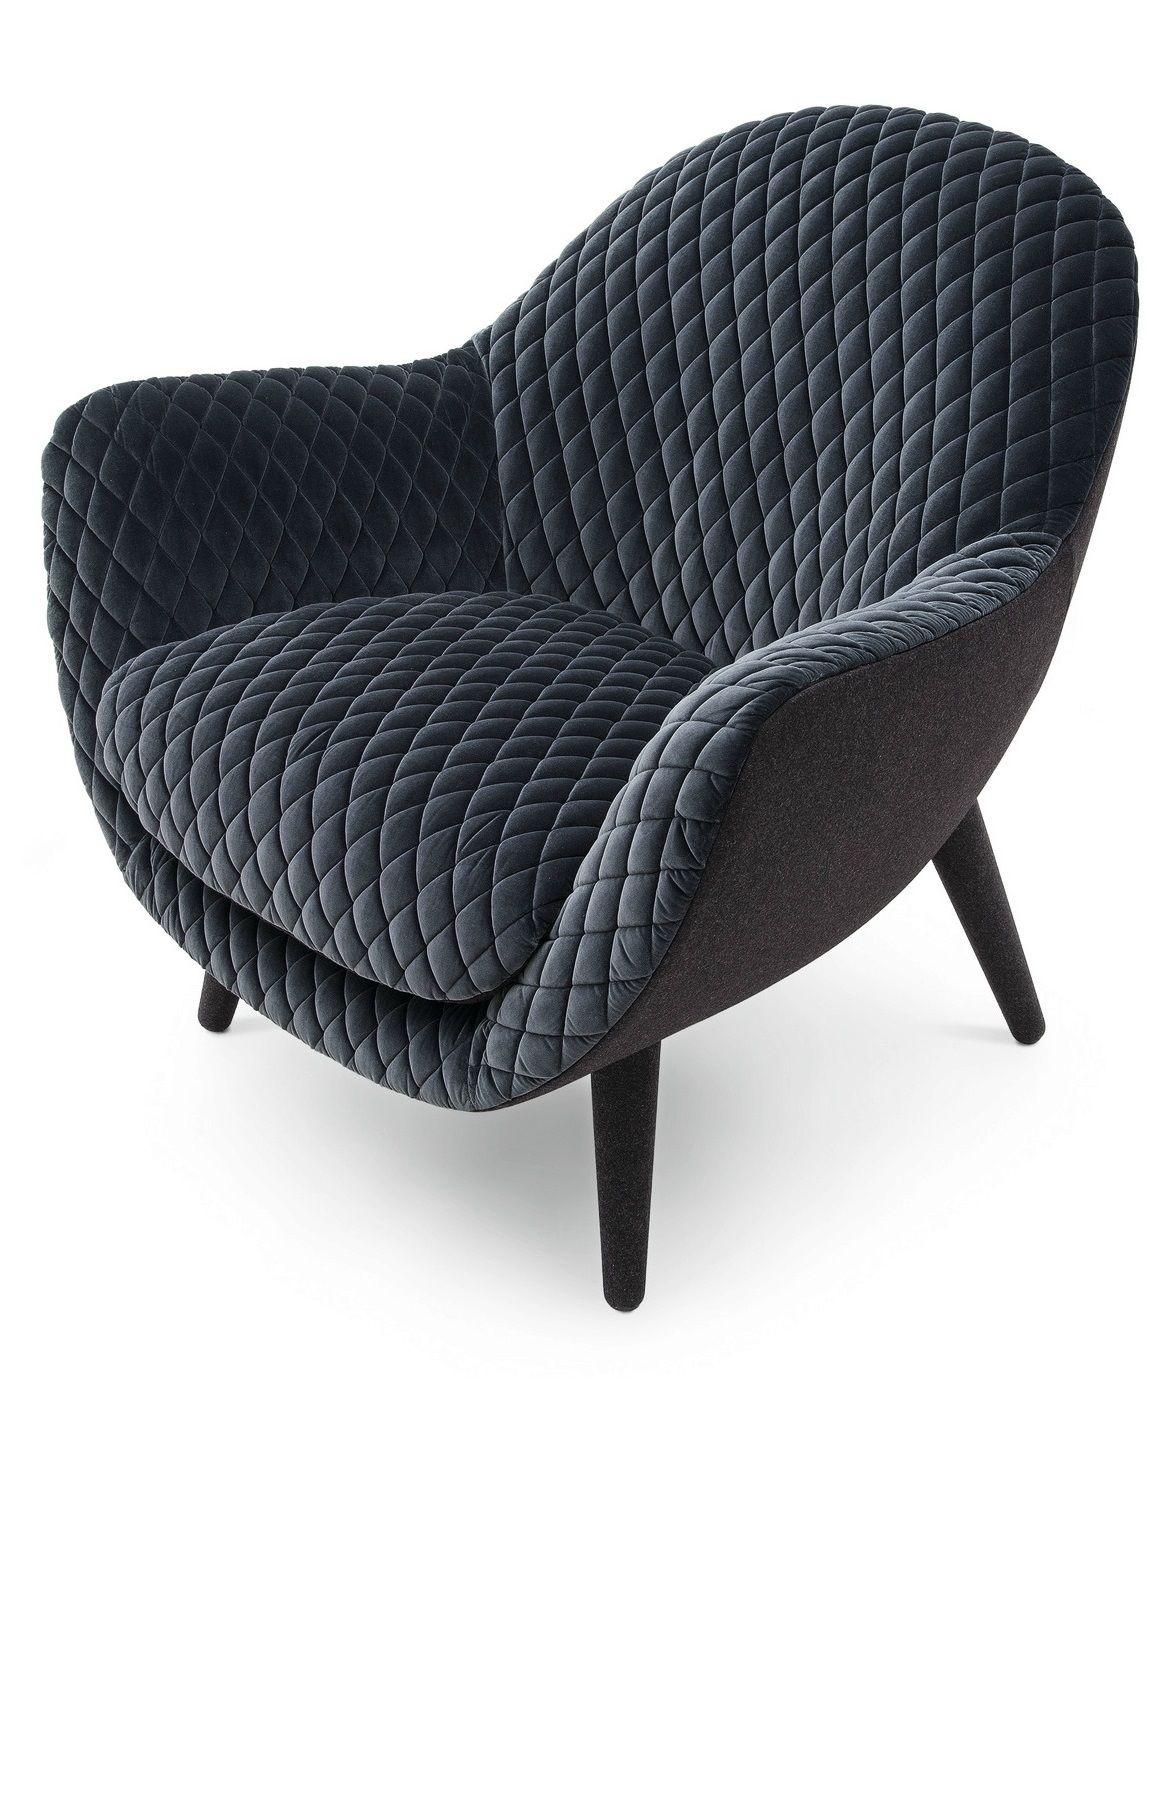 25 Top Gibson Swivel Cuddler Chairs Sofa Ideas